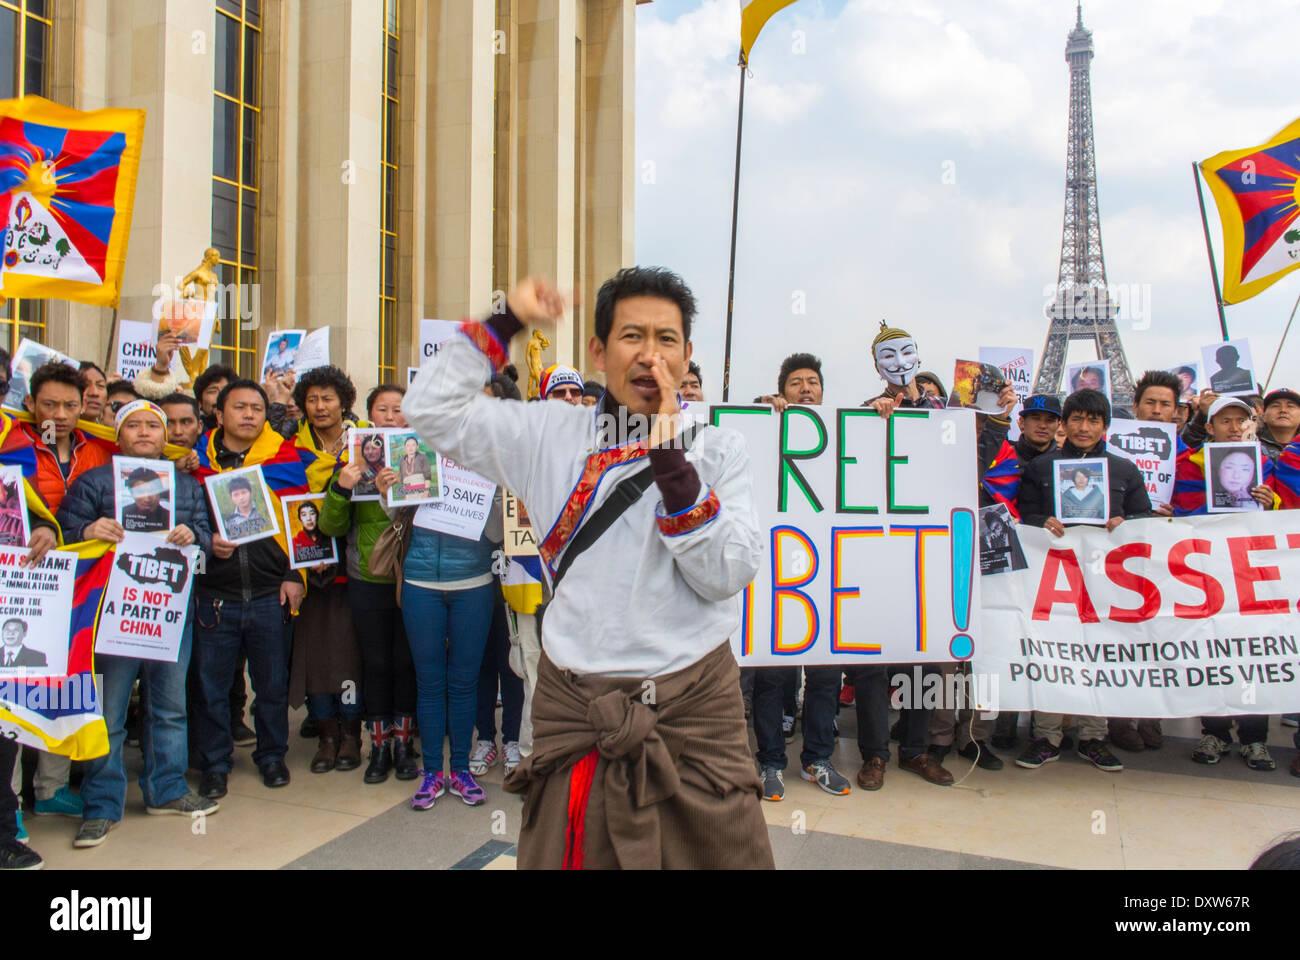 Die tibetischen, taiwanesischen Volksgemeinschaften Frankreichs und Freunde riefen die französischen Bürger dazu auf, während des Besuchs des chinesischen Präsidenten in Paris zu mobilisieren, Protestschilder abzuhalten, Bürgerrechtsproteste abzuhalten und gegen china zu protestieren Stockfoto